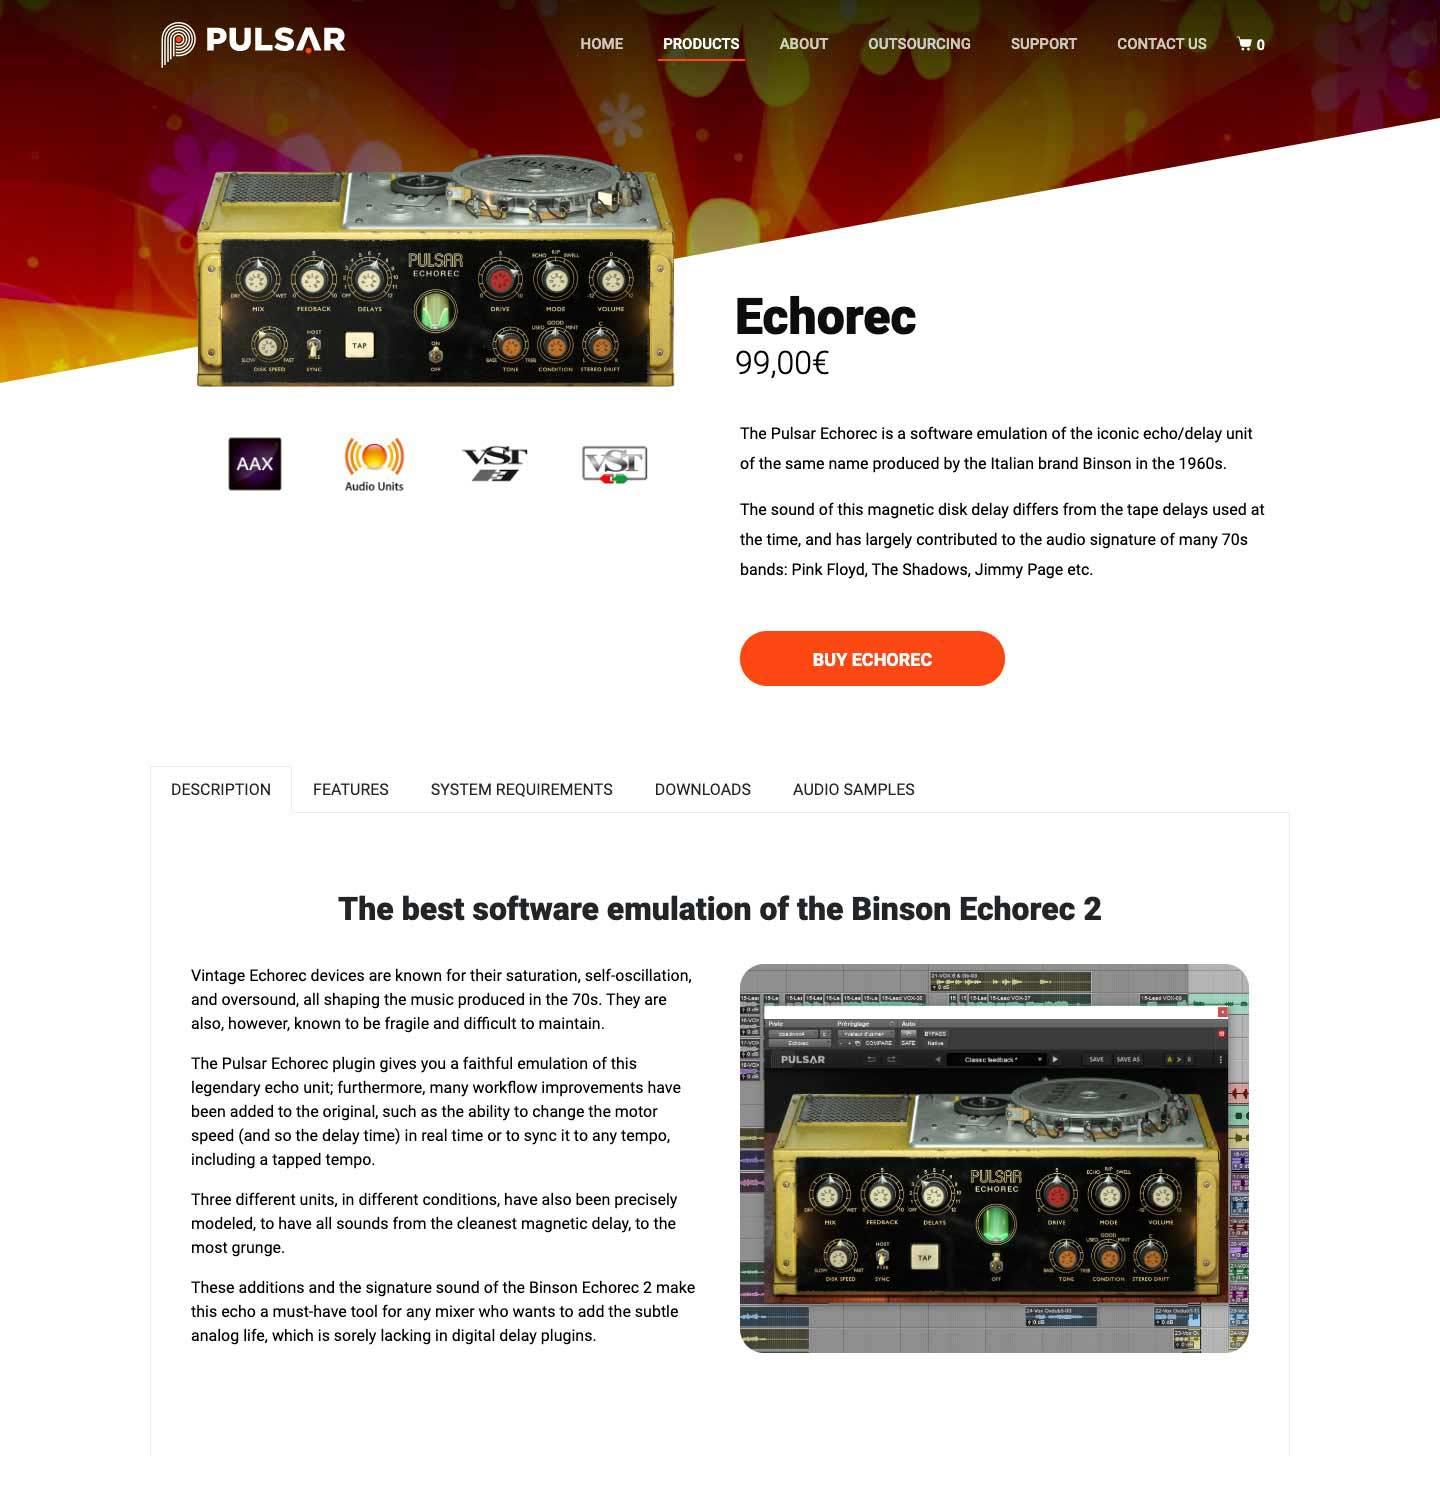 Pulsar-echorec_product-page_02